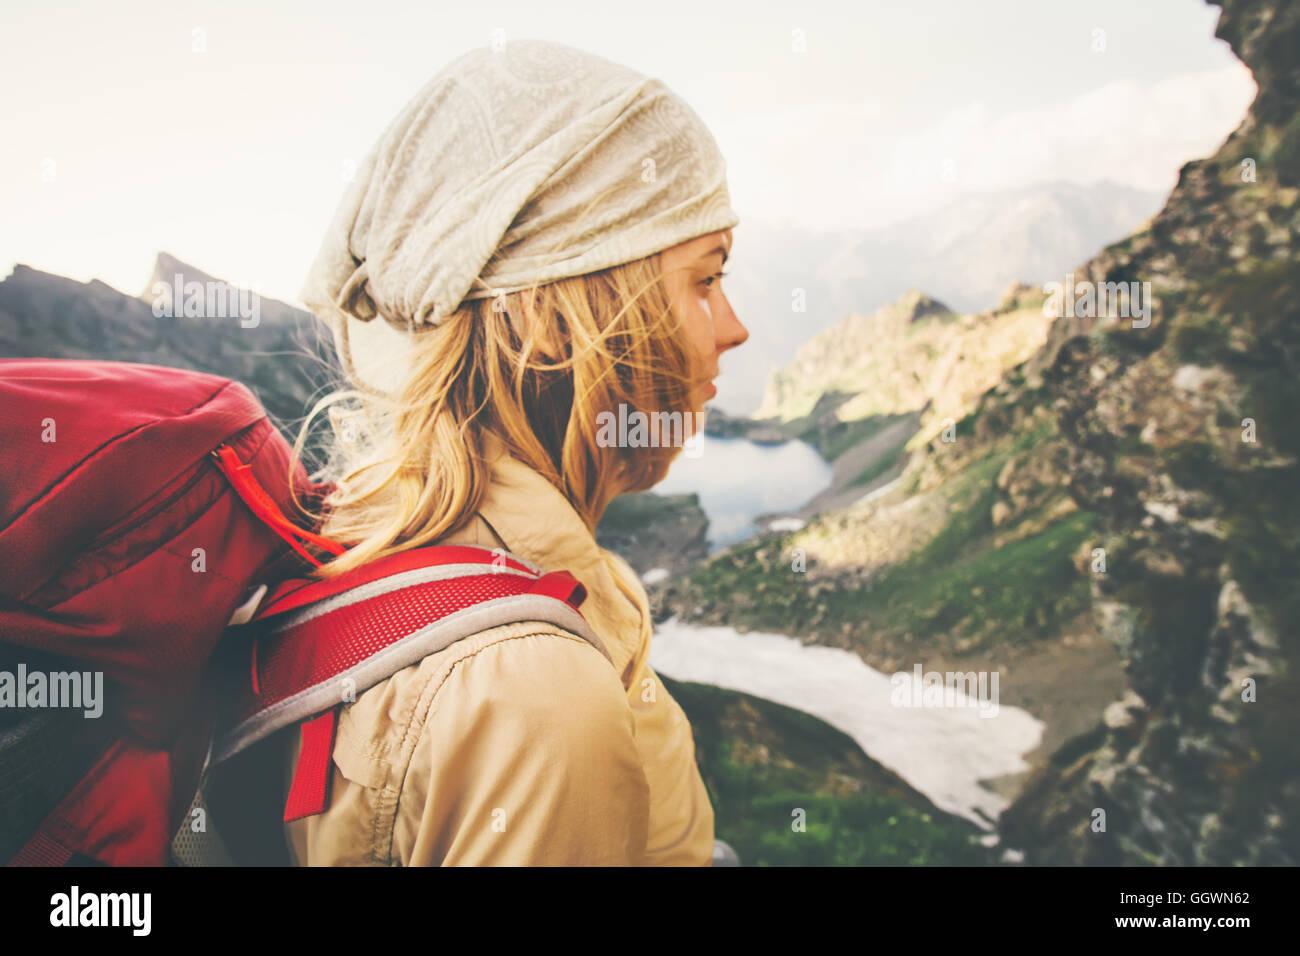 Jeune Femme avec sac à dos rouge randonnée solitaire Travel concept style montagne et lac paysage sur Photo Stock